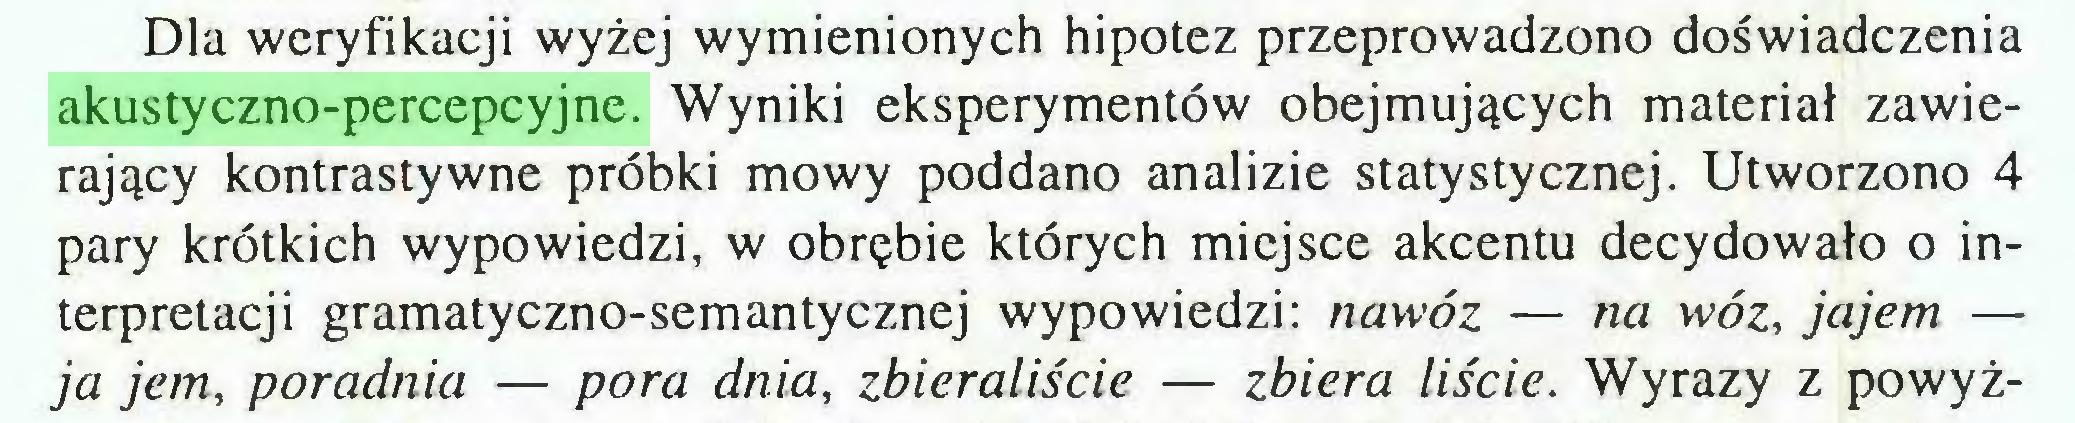 (...) Dla weryfikacji wyżej wymienionych hipotez przeprowadzono doświadczenia akustyczno-percepcyjne. Wyniki eksperymentów obejmujących materiał zawierający kontrastywne próbki mowy poddano analizie statystycznej. Utworzono 4 pary krótkich wypowiedzi, w obrębie których miejsce akcentu decydowało o interpretacji gramatyczno-semantycznej wypowiedzi: nawóz — na wóz, jajem — ja jem, poradnia — pora dnia, zbieraliście — zbiera liście. Wyrazy z powyż...